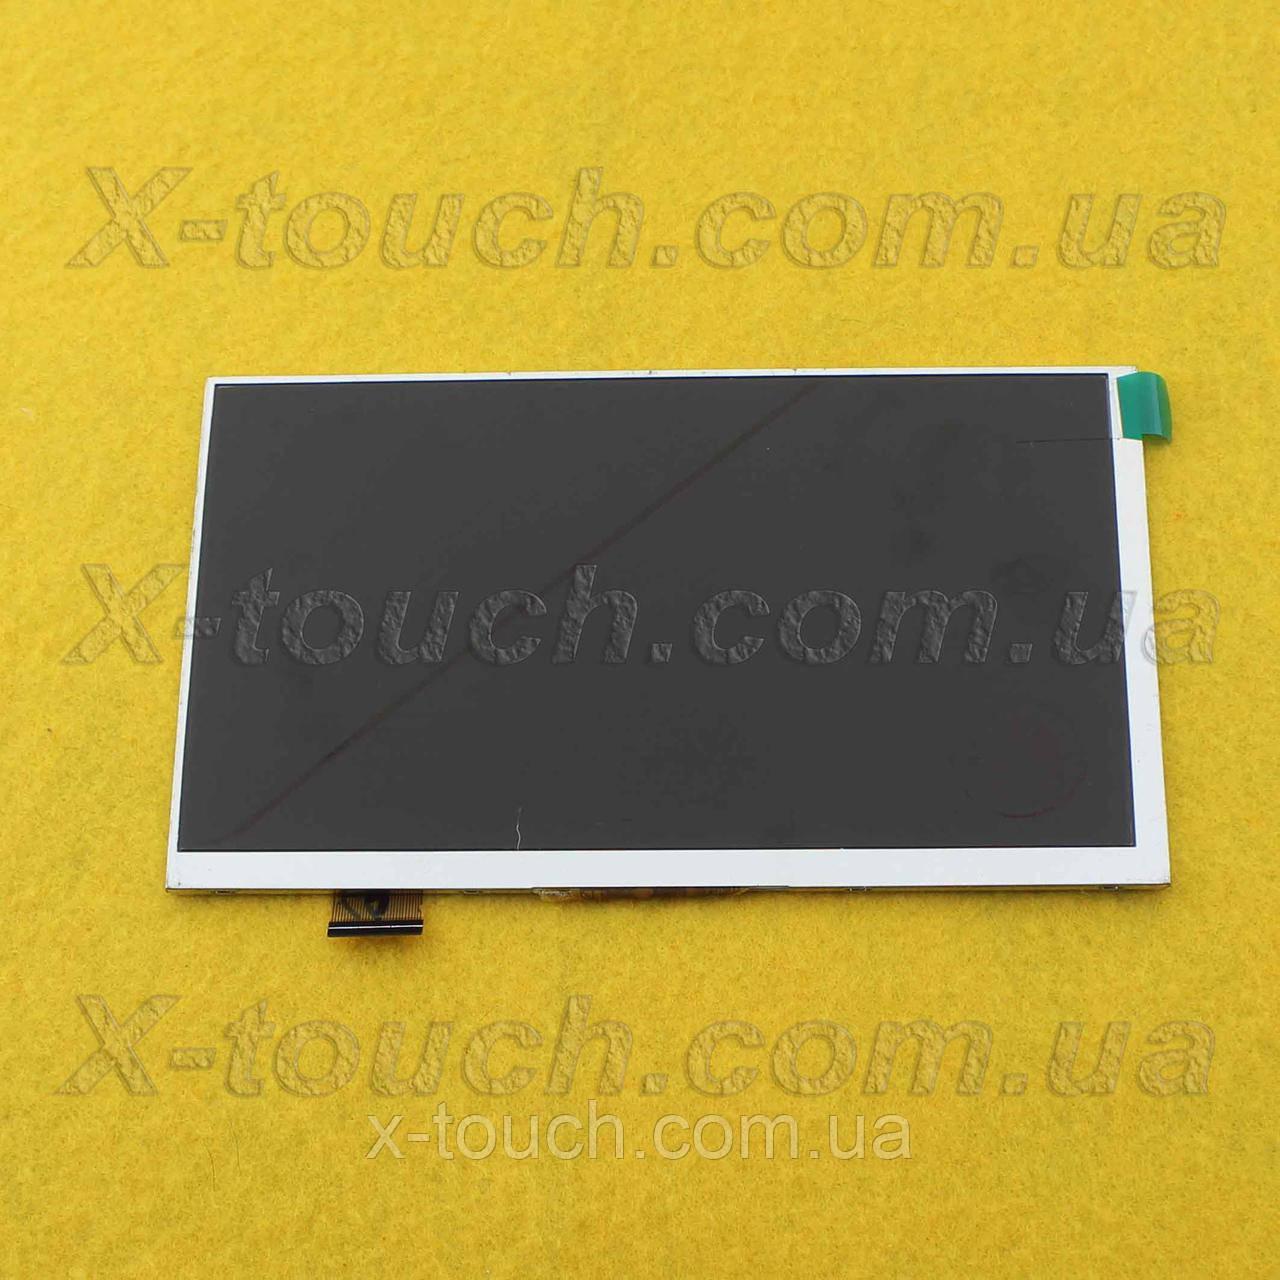 Матрица,экран, дисплей AL0252B для планшета